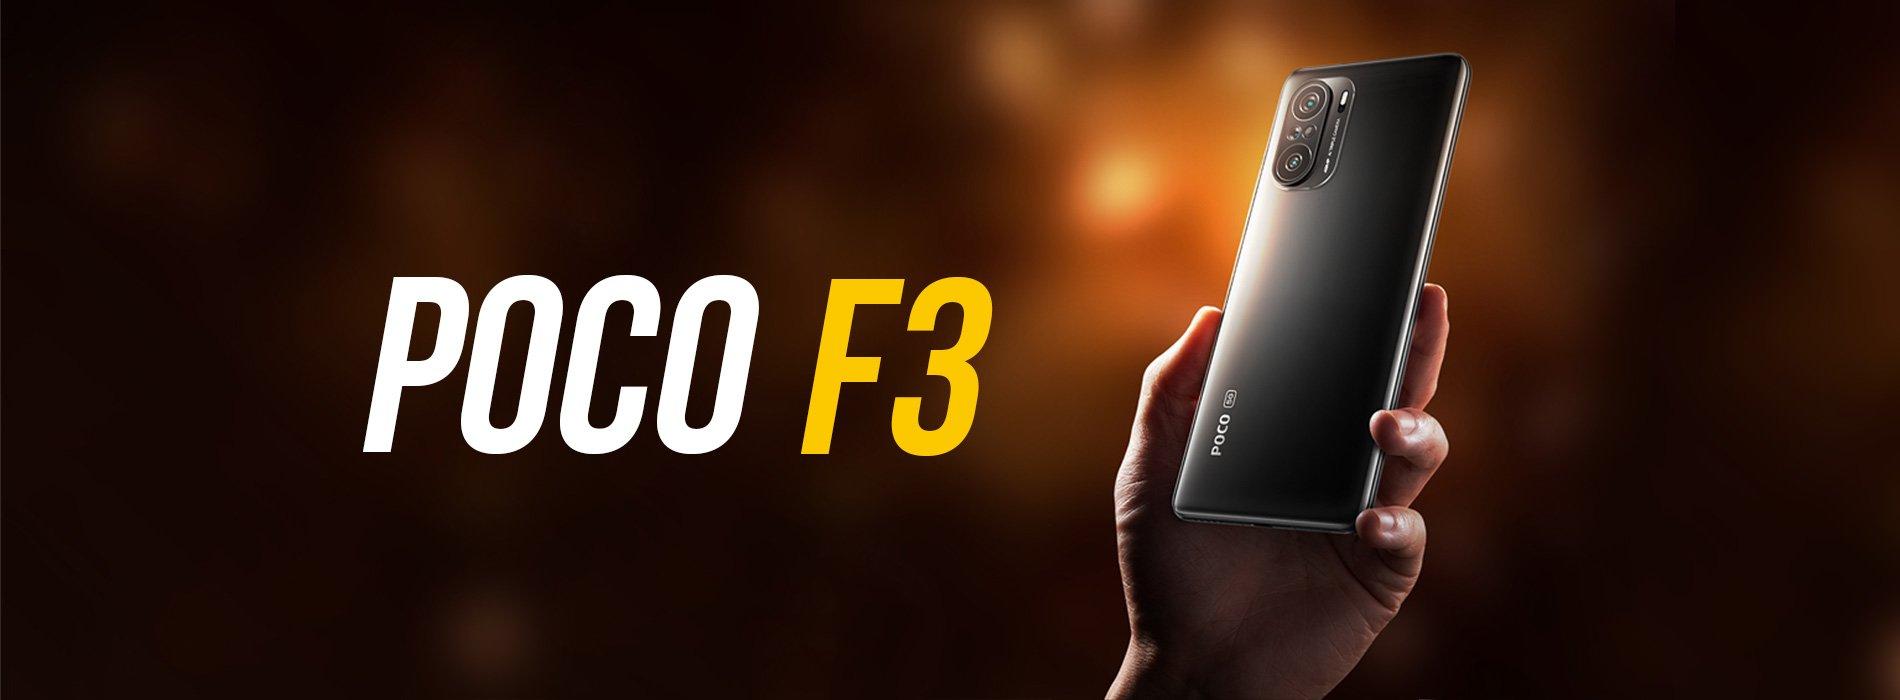 Análise do Poco F3: veja como o celular da Xiaomi se sai em jogos, fotos e desempenho